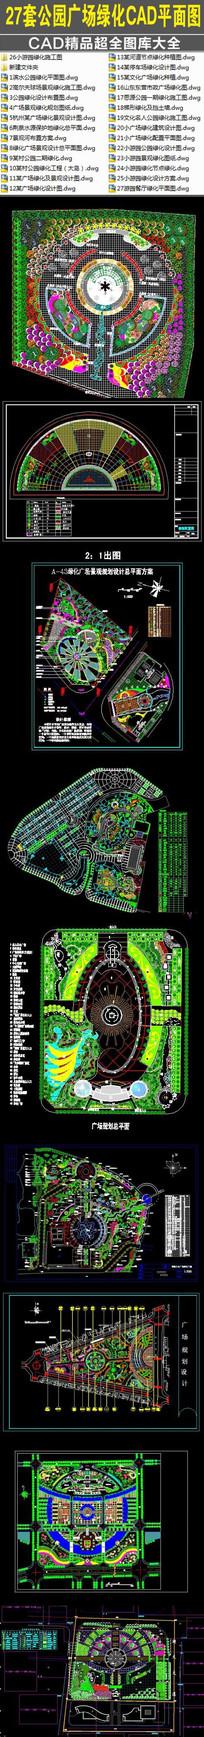 27套公园广场绿化CAD图